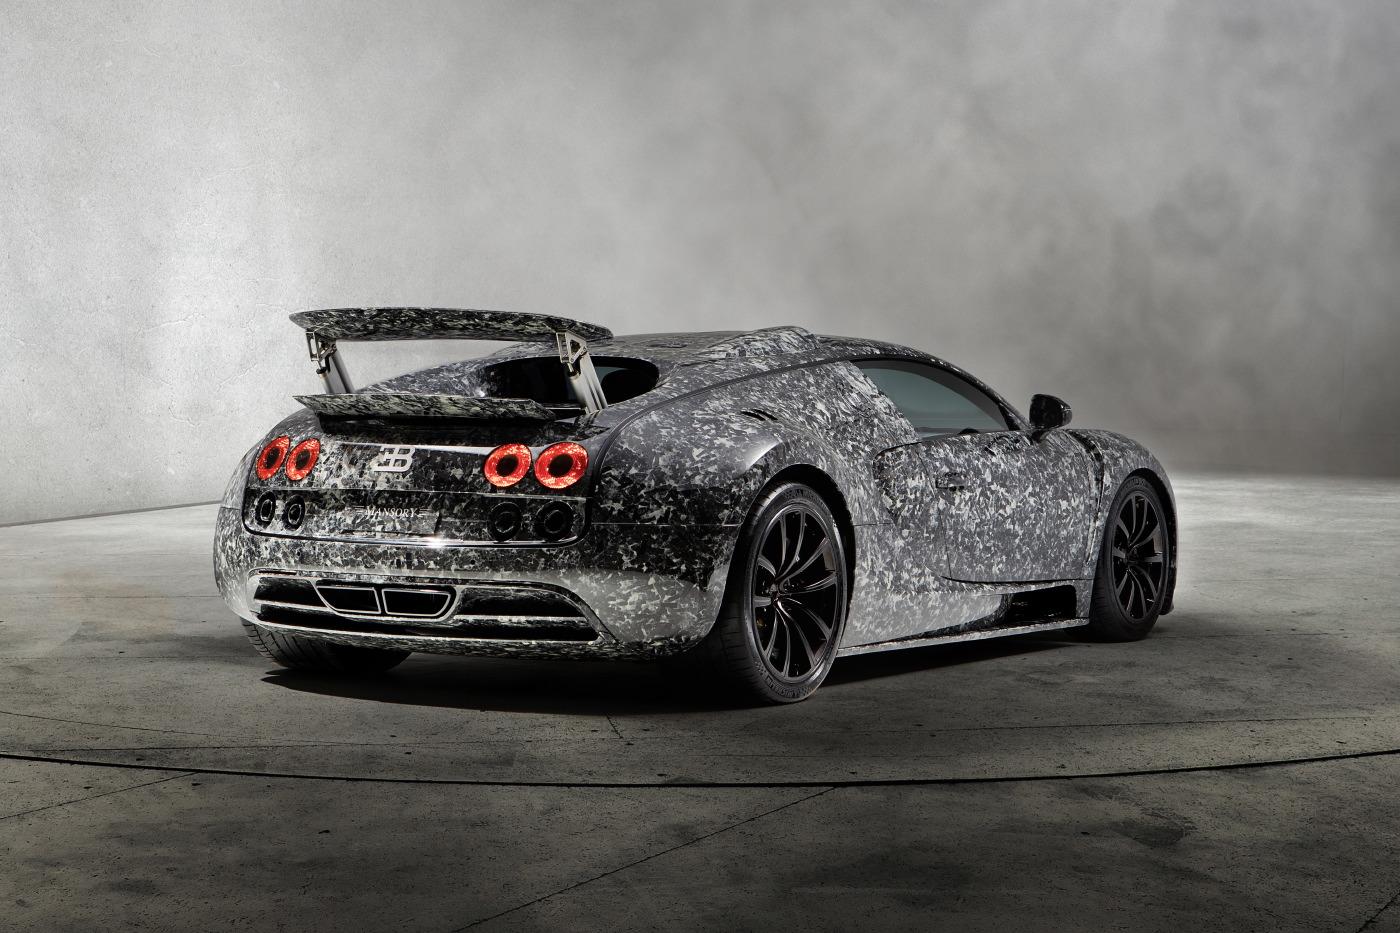 Вы нанимаете Mansory, чтобы они сделали его еще более эксклюзивным. Этот Bugatti Veyron 16.4 был полностью «переодет» в карбон, но вместо использования традиционного карбона Mansory использует новый углеродную материал под названием «Мраморный коллаж